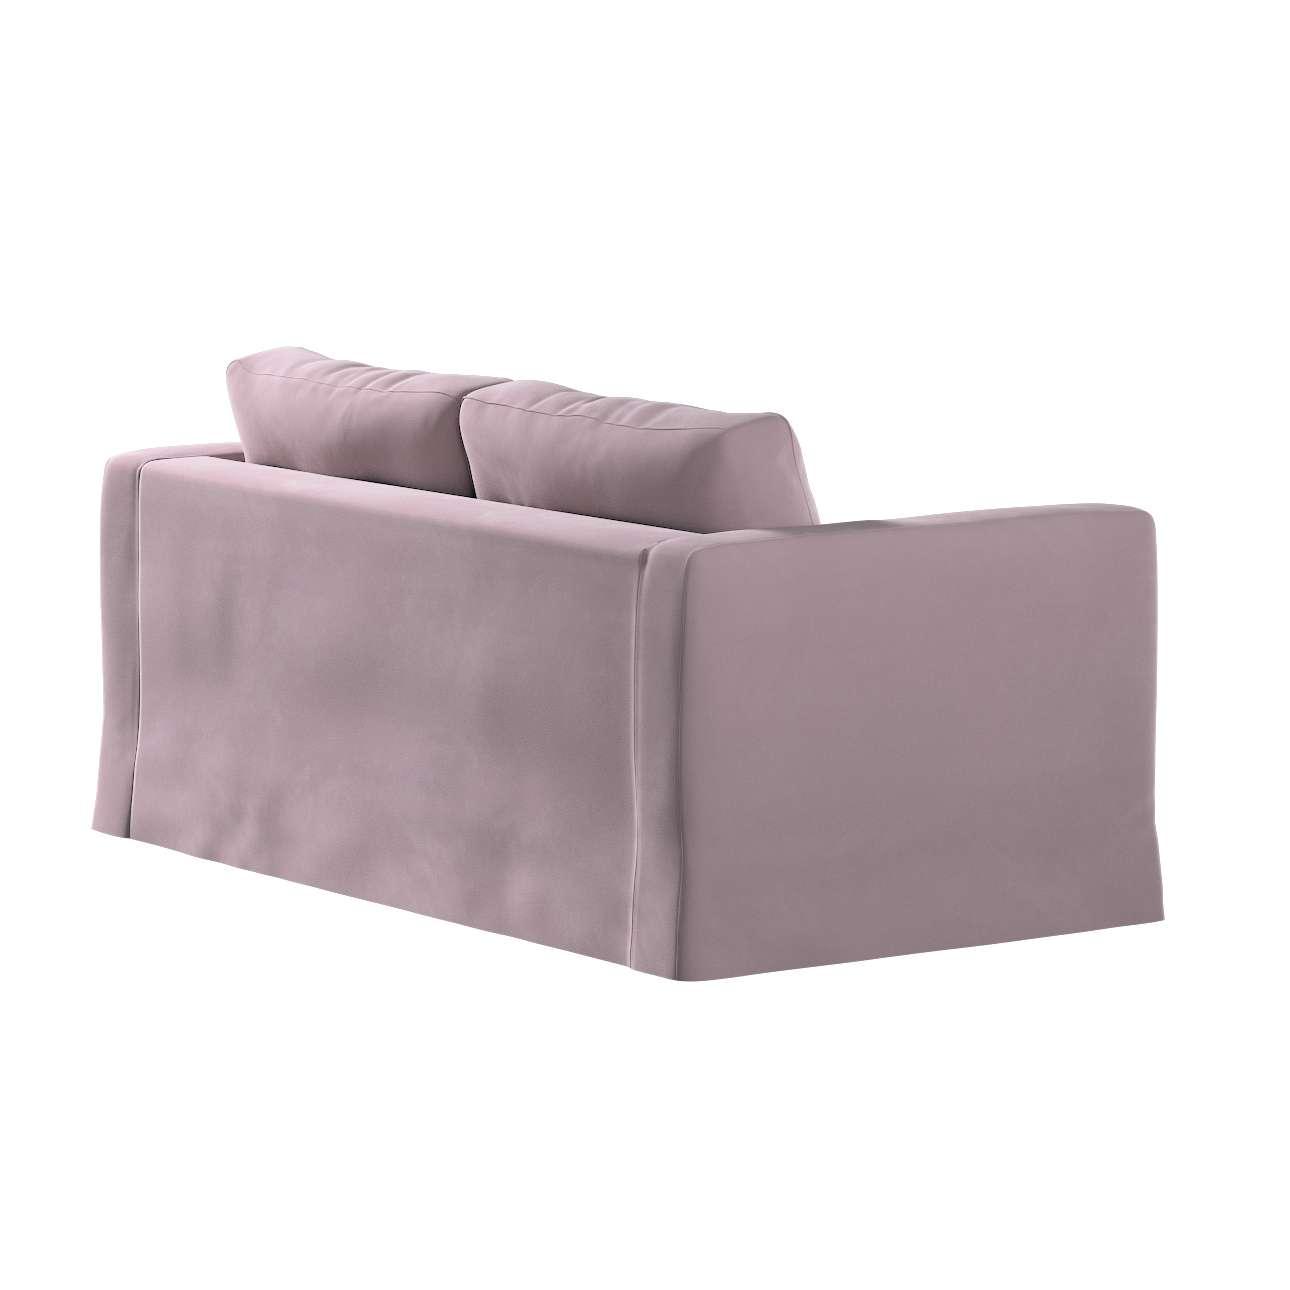 Karlstad klädsel 2-sits soffa -  lång i kollektionen Velvet, Tyg: 704-14